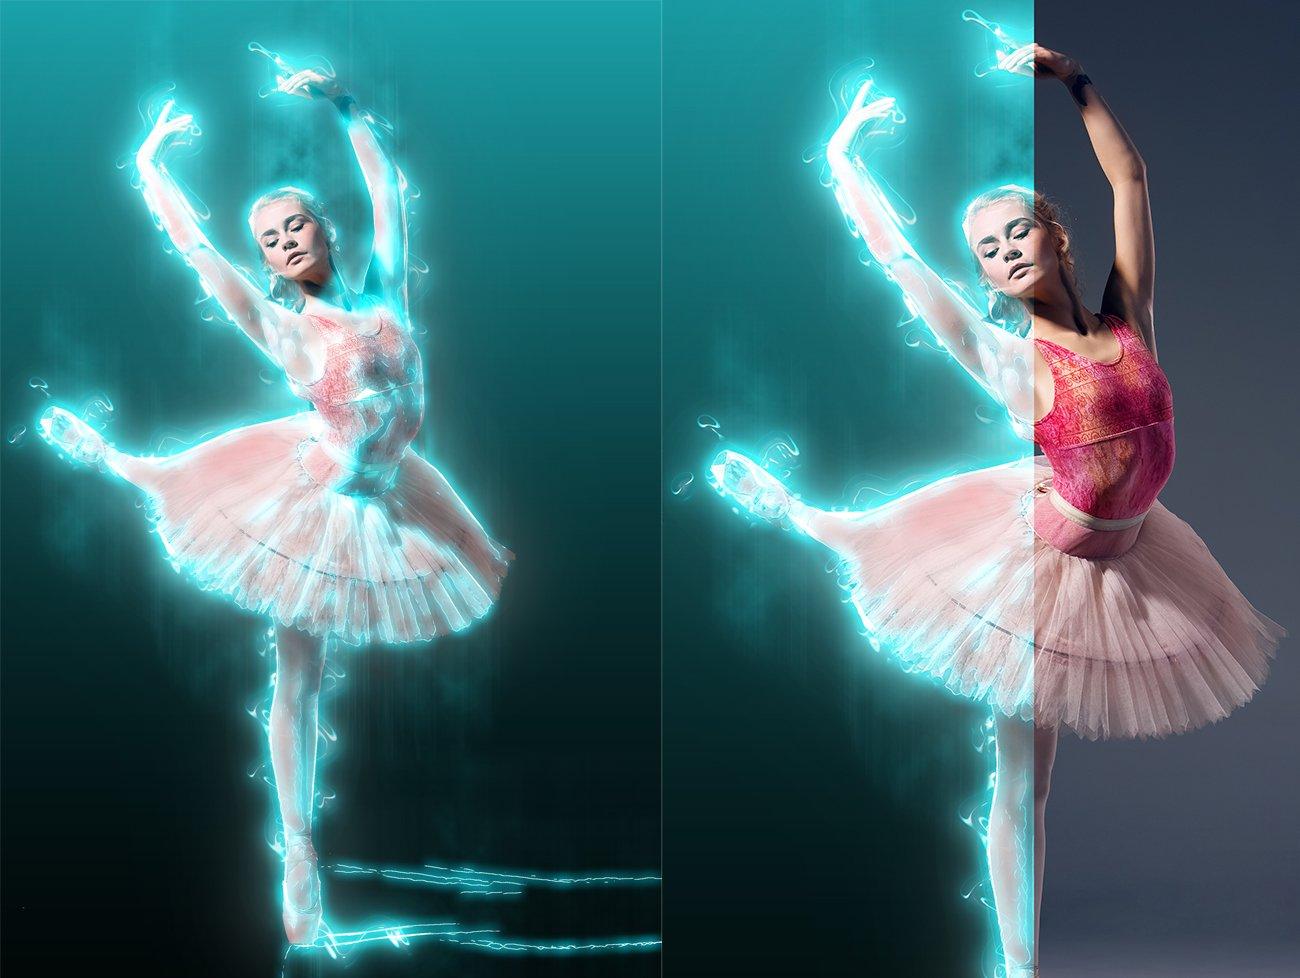 超炫能力发光效果照片处理特效PS动作素材 Light Photoshop Action插图2